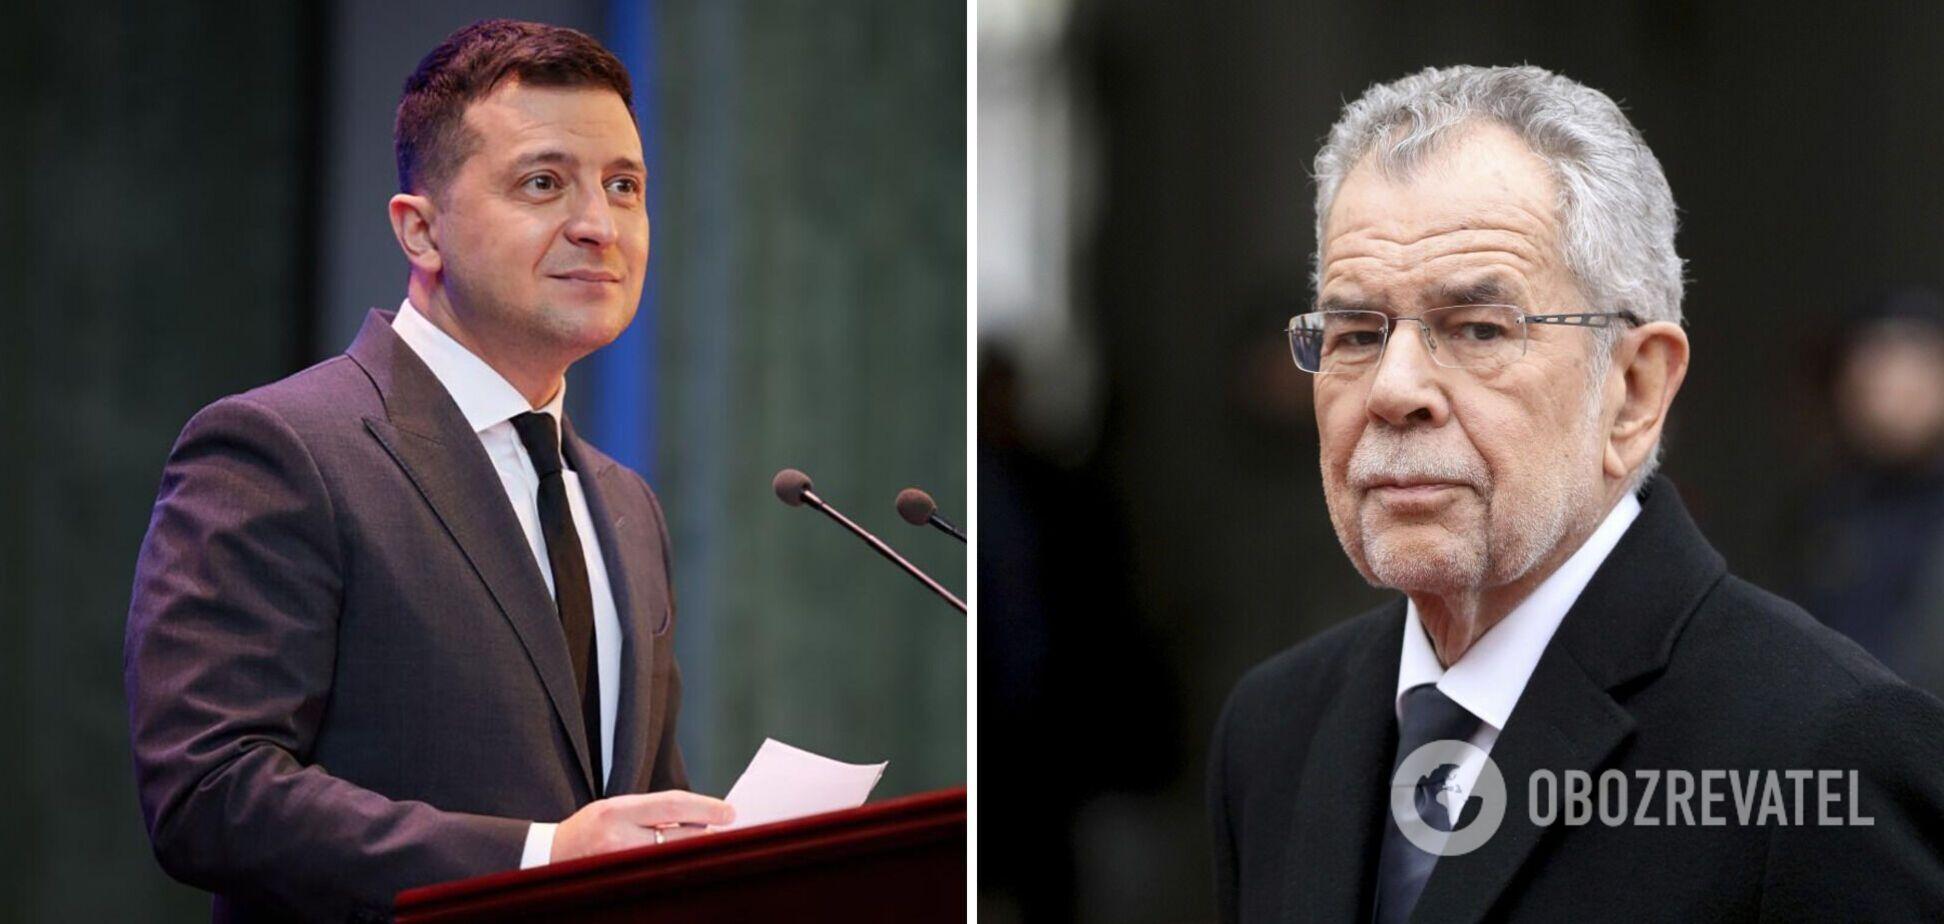 Зеленский обсудил с президентом Австрии Крым и позвал его в Украину